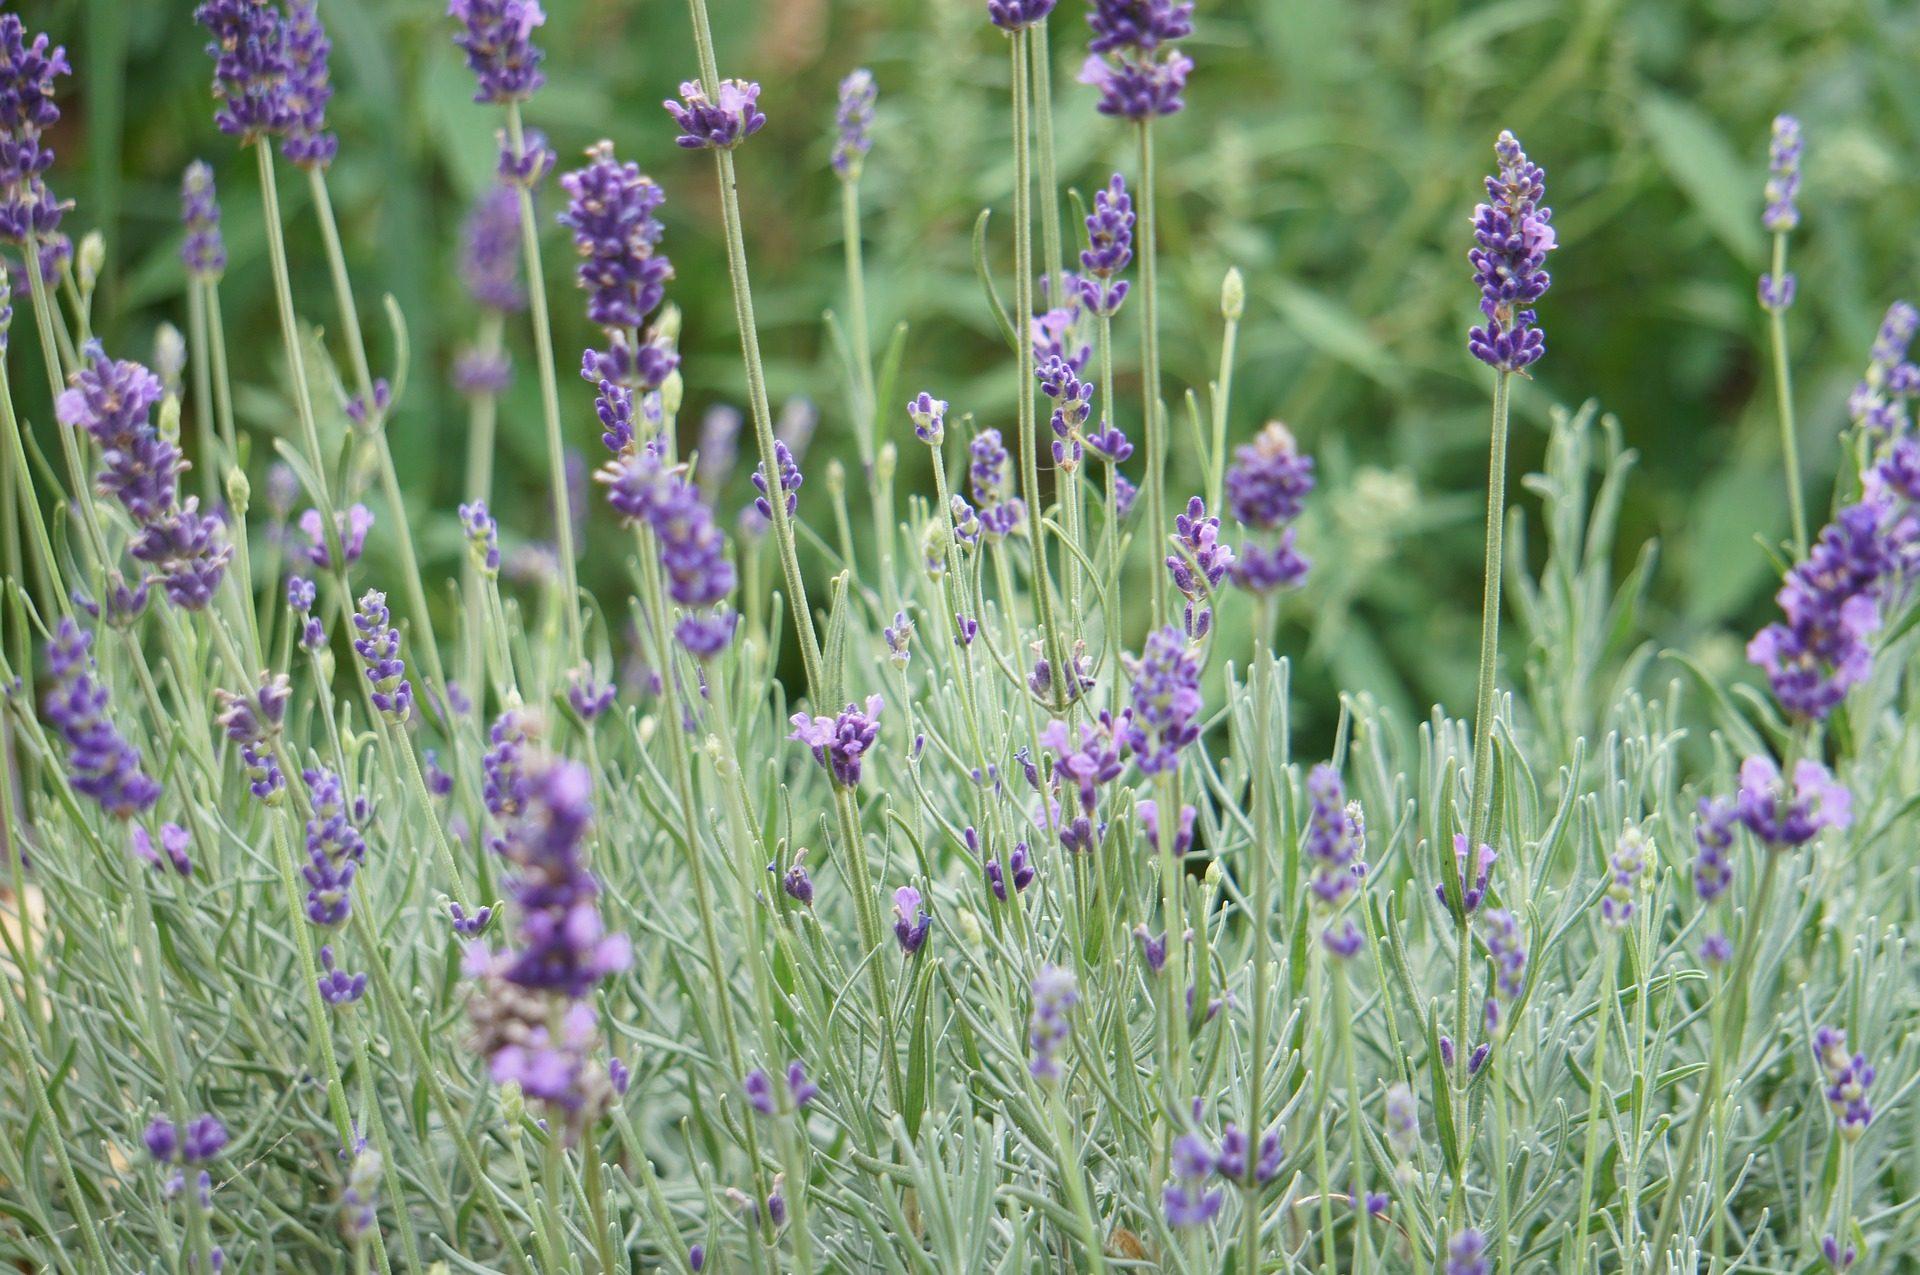 Λεβάντα, πεδίο, Φυτεία, καλλιέργεια, λουλούδι - Wallpapers HD - Professor-falken.com